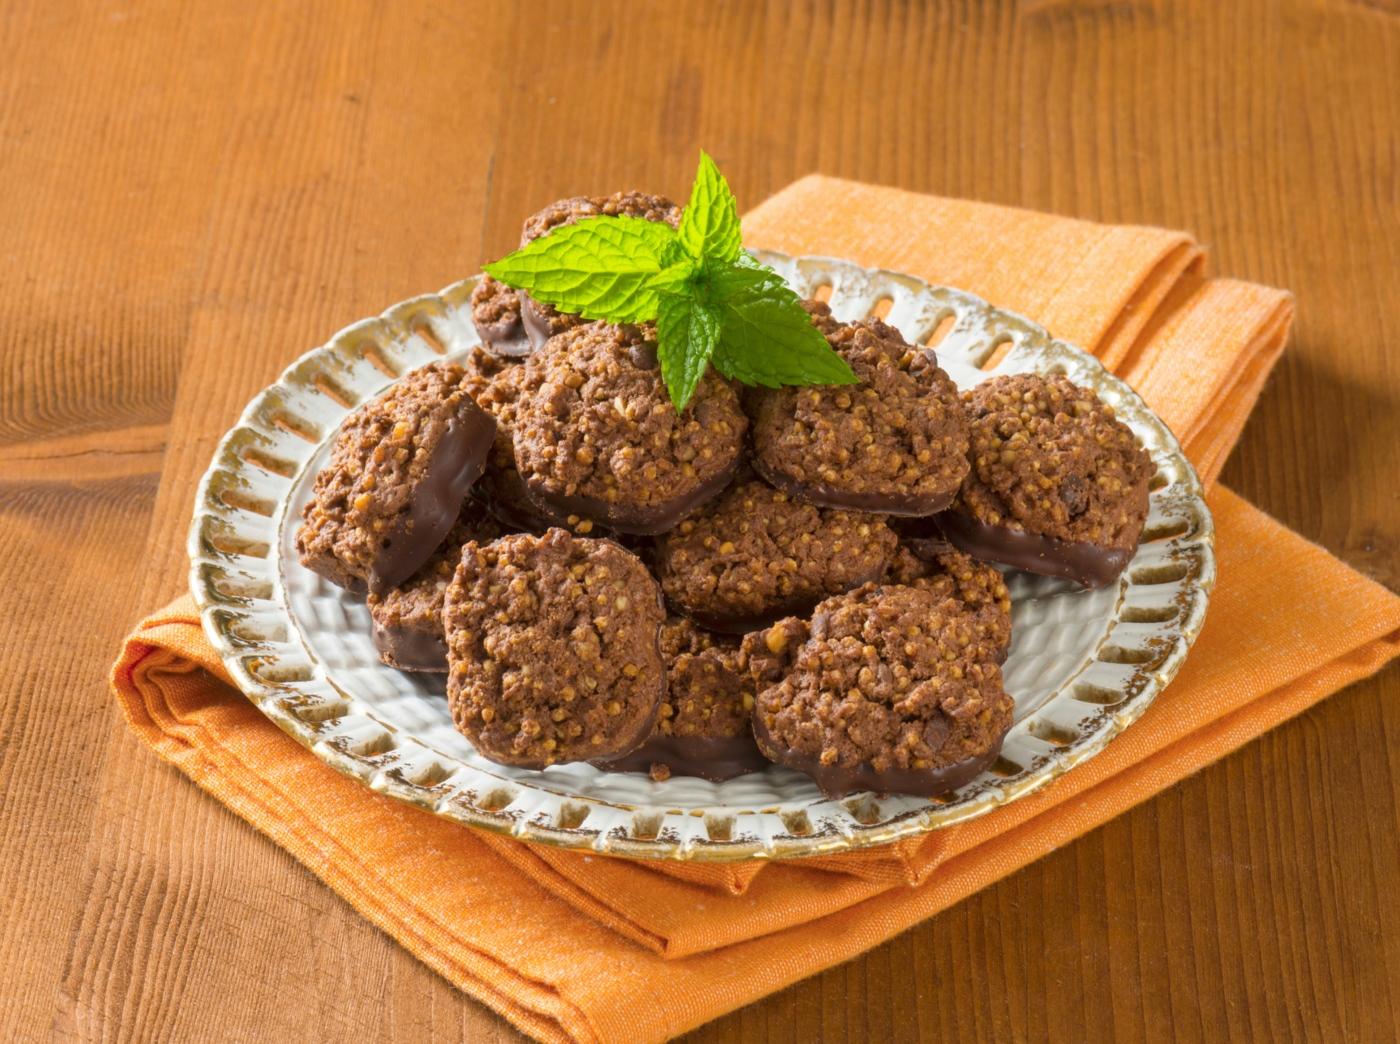 Receitas doces com quinoa: bolachas